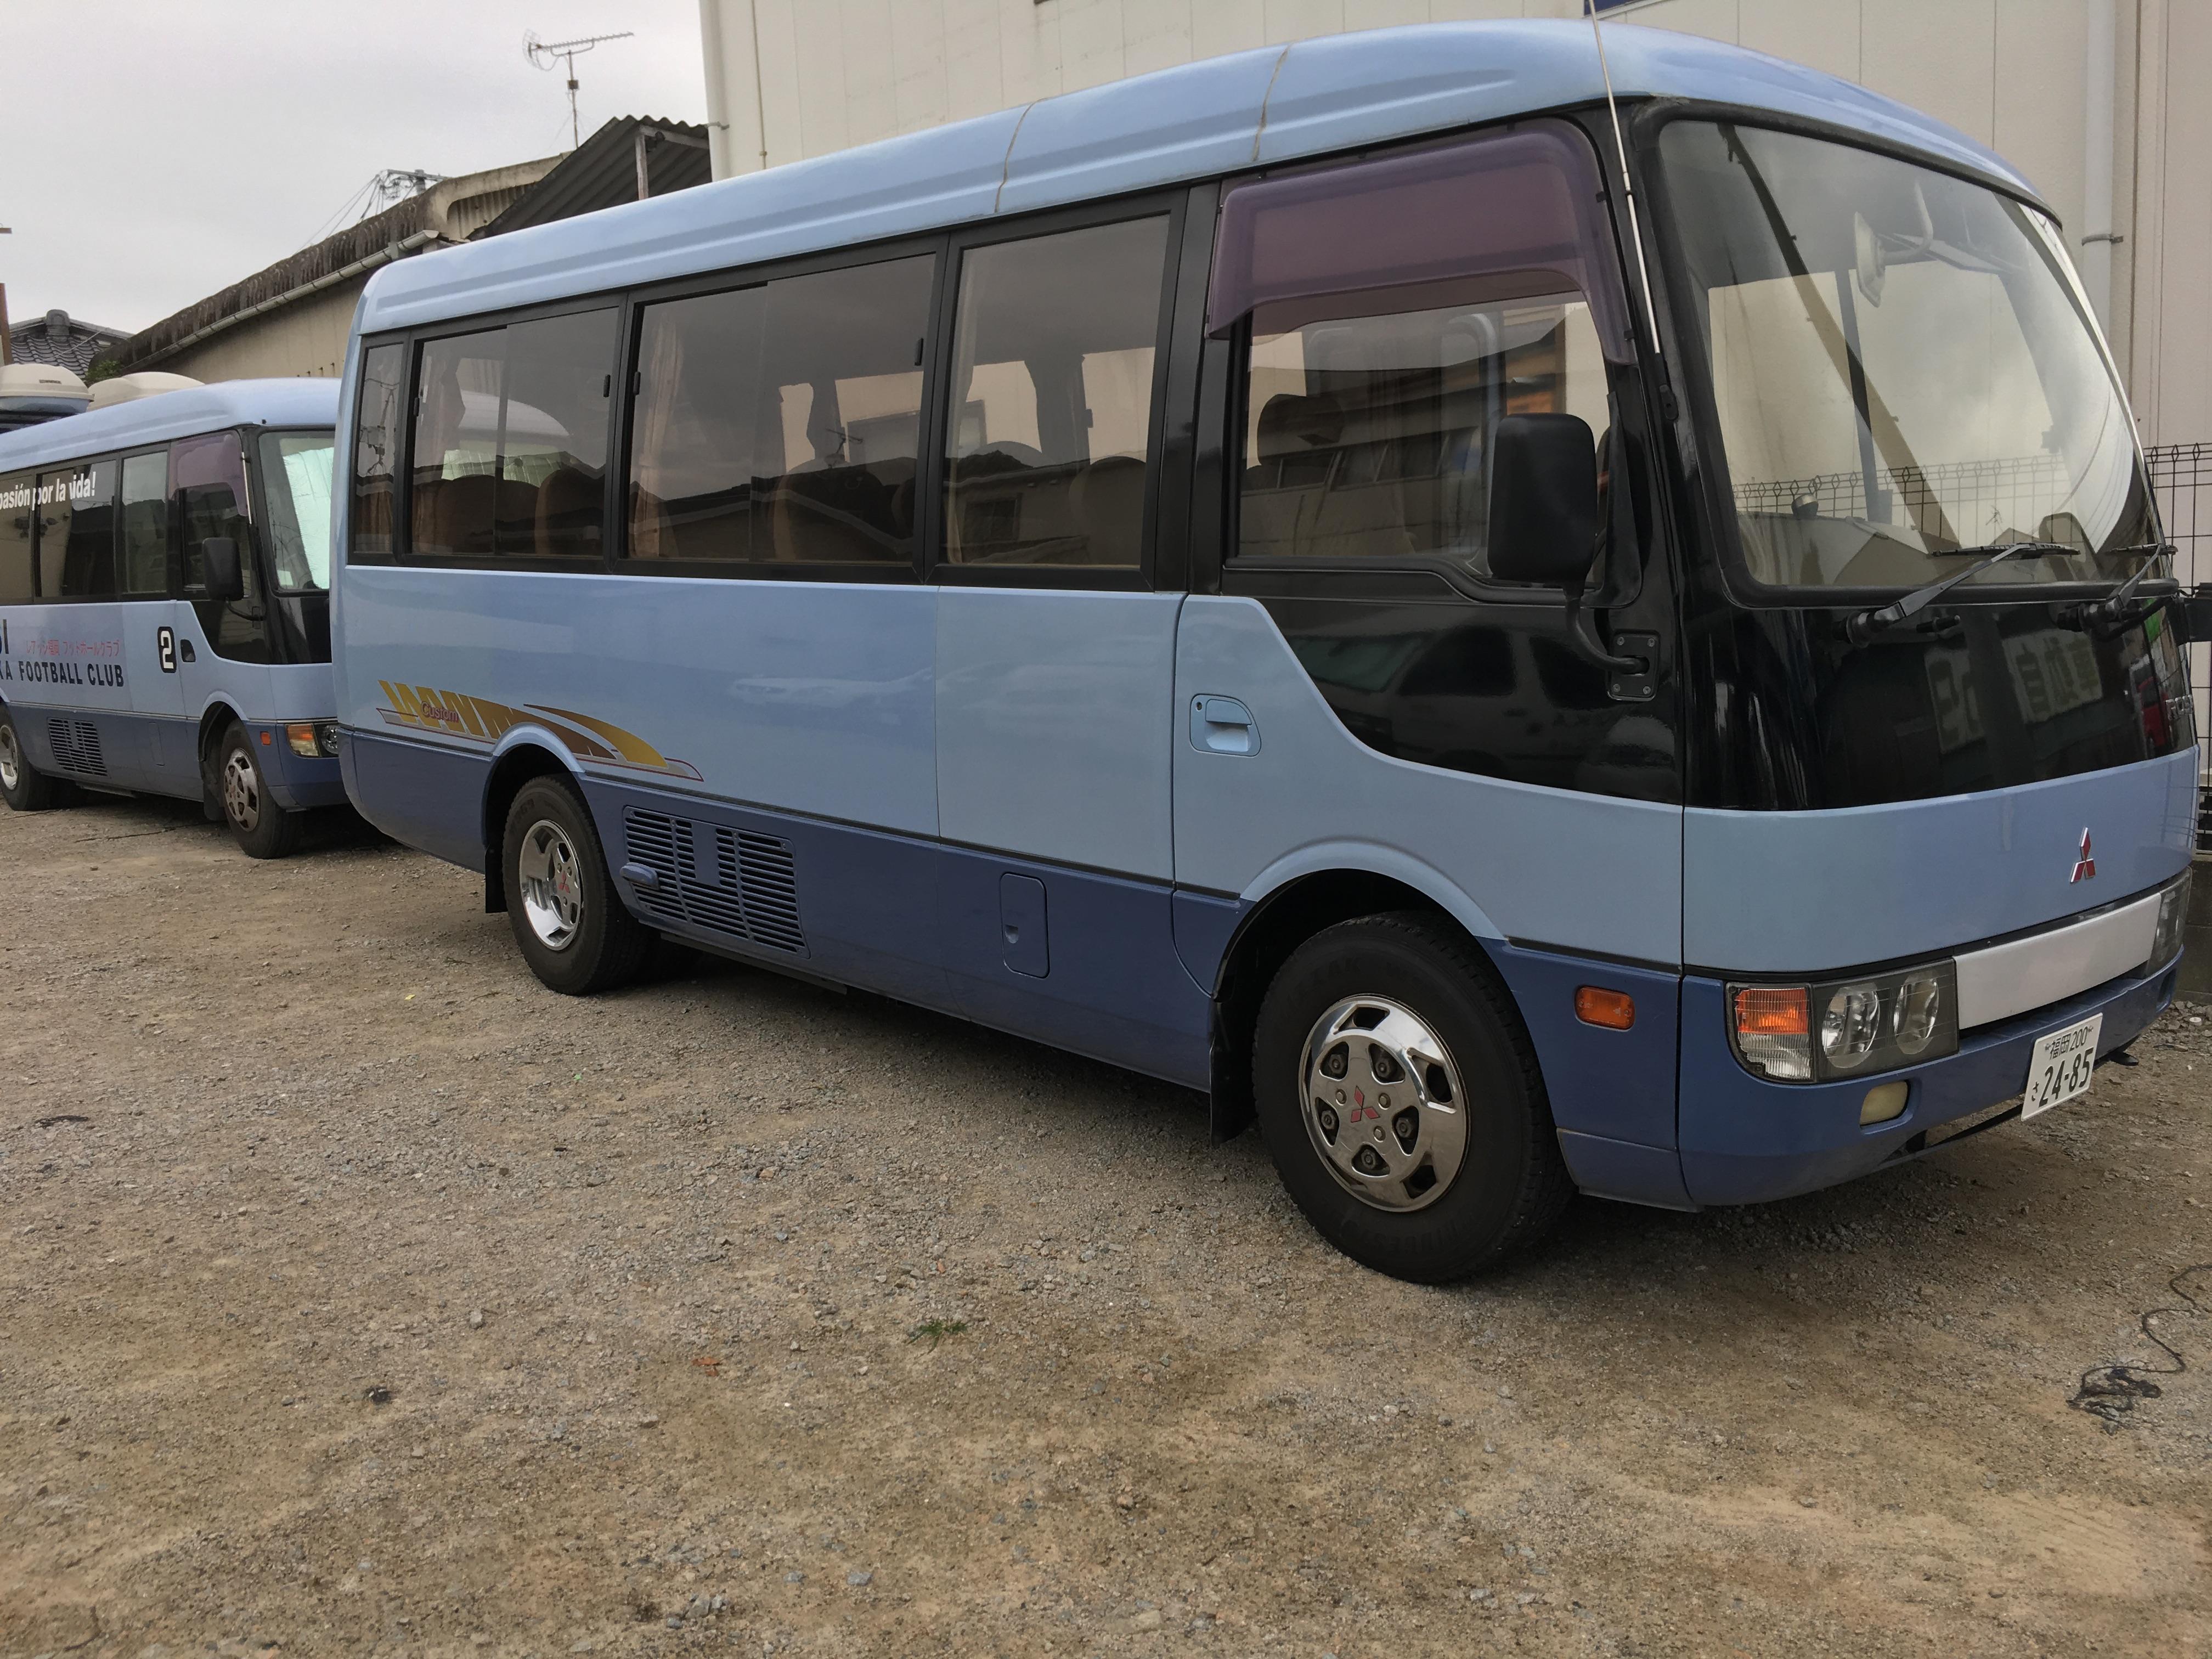 新しい『送迎バス』が入りました! 〜『保護者の負担ゼロ』〜 練習や試合もバスで移動します!